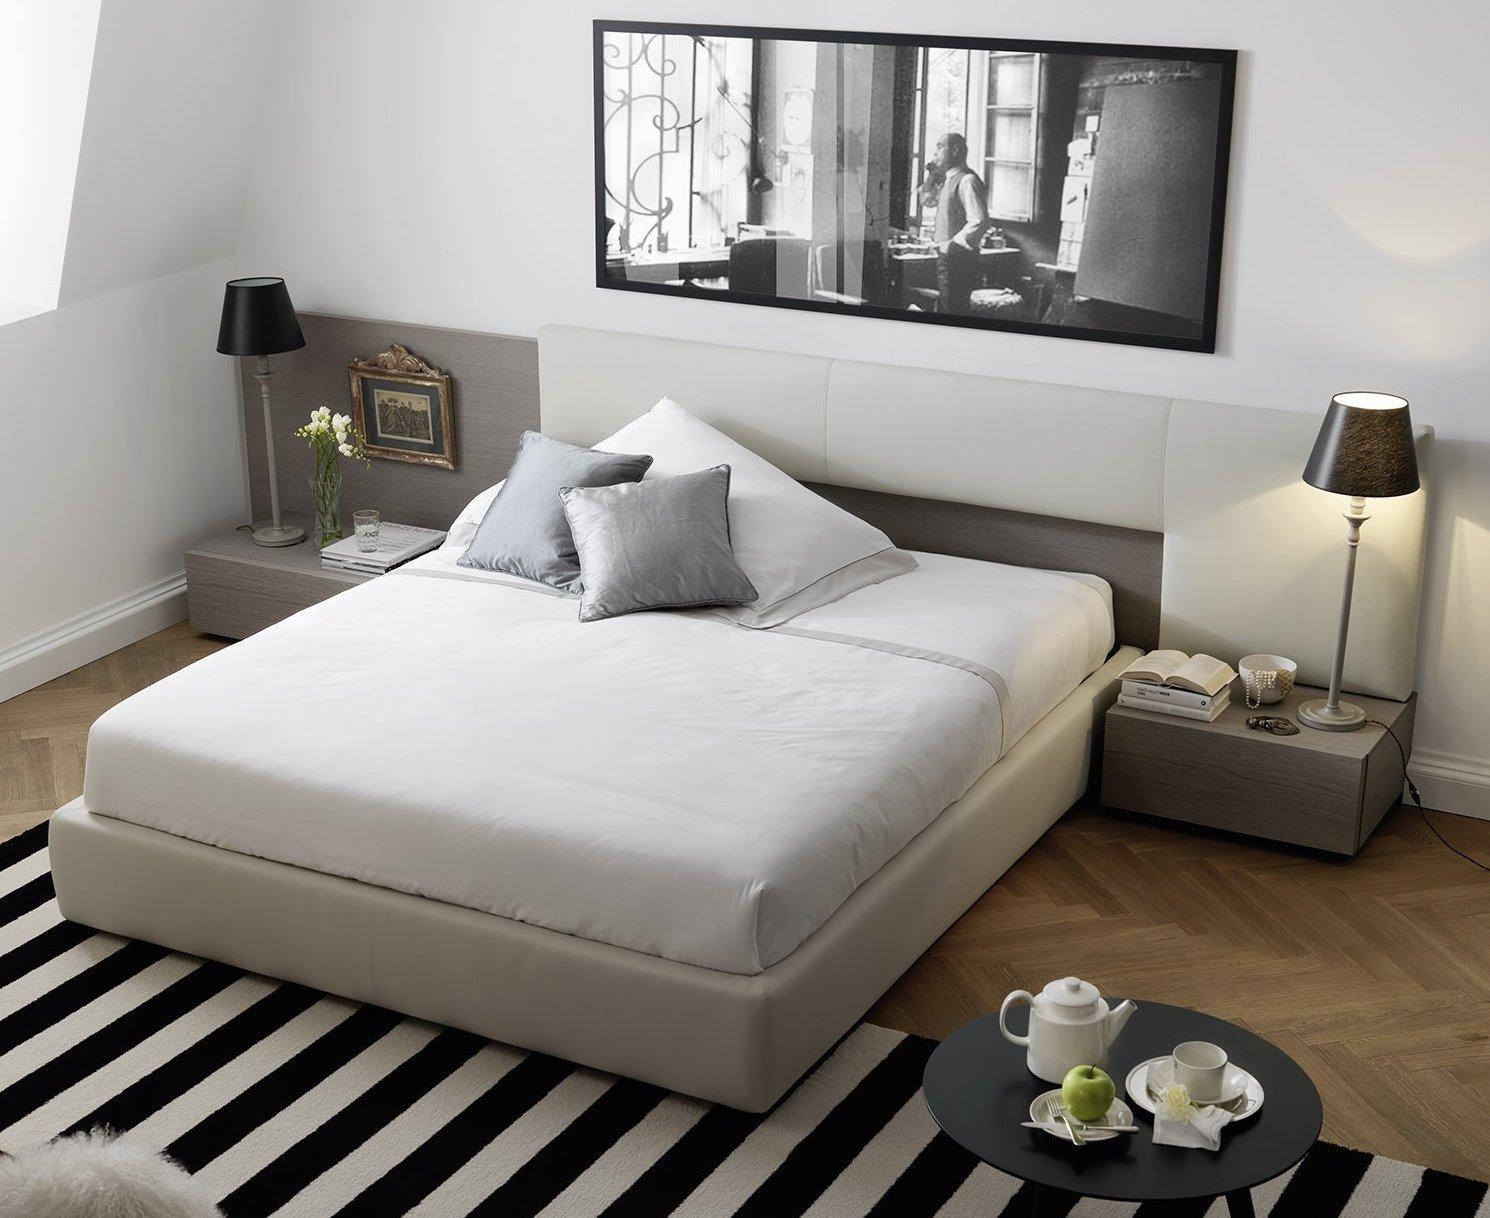 Idee Testiera Letto Matrimoniale idee - testiera boiserie, per un letto su misura - diotti